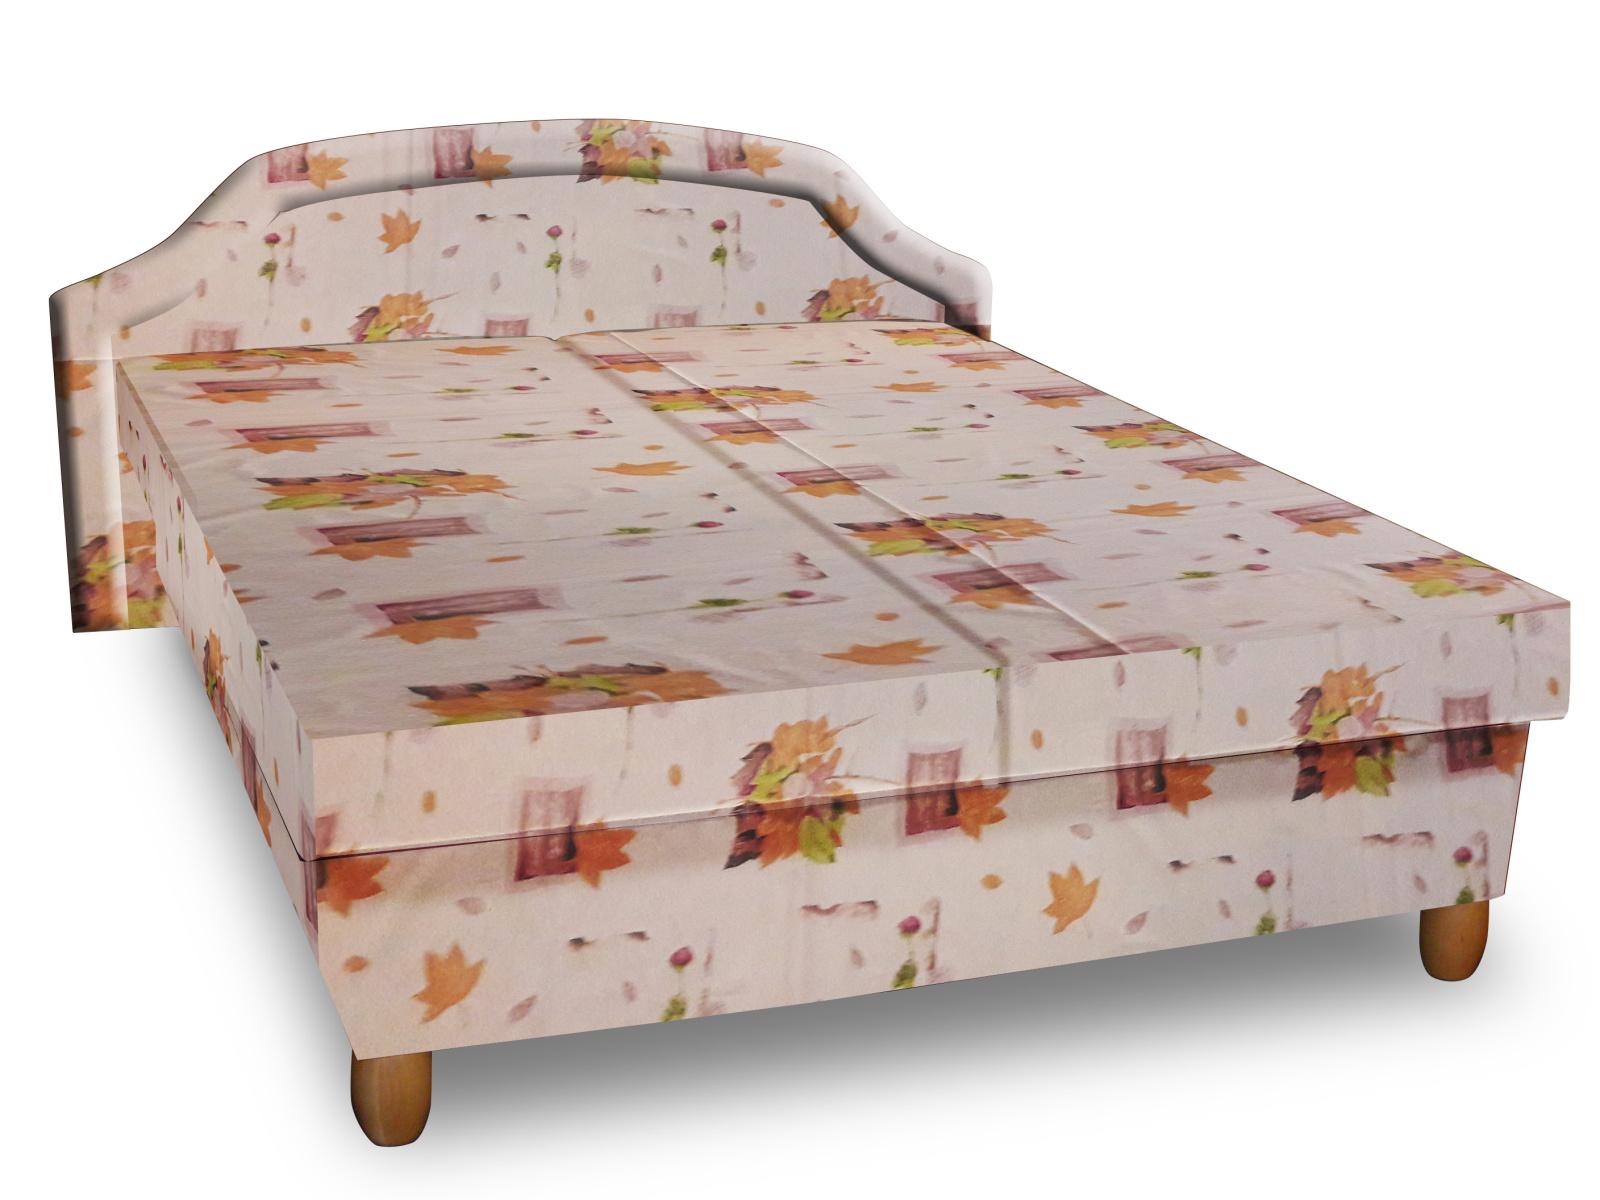 Smartshop Čalouněná postel KARINA 160x195 cm, béžová látka